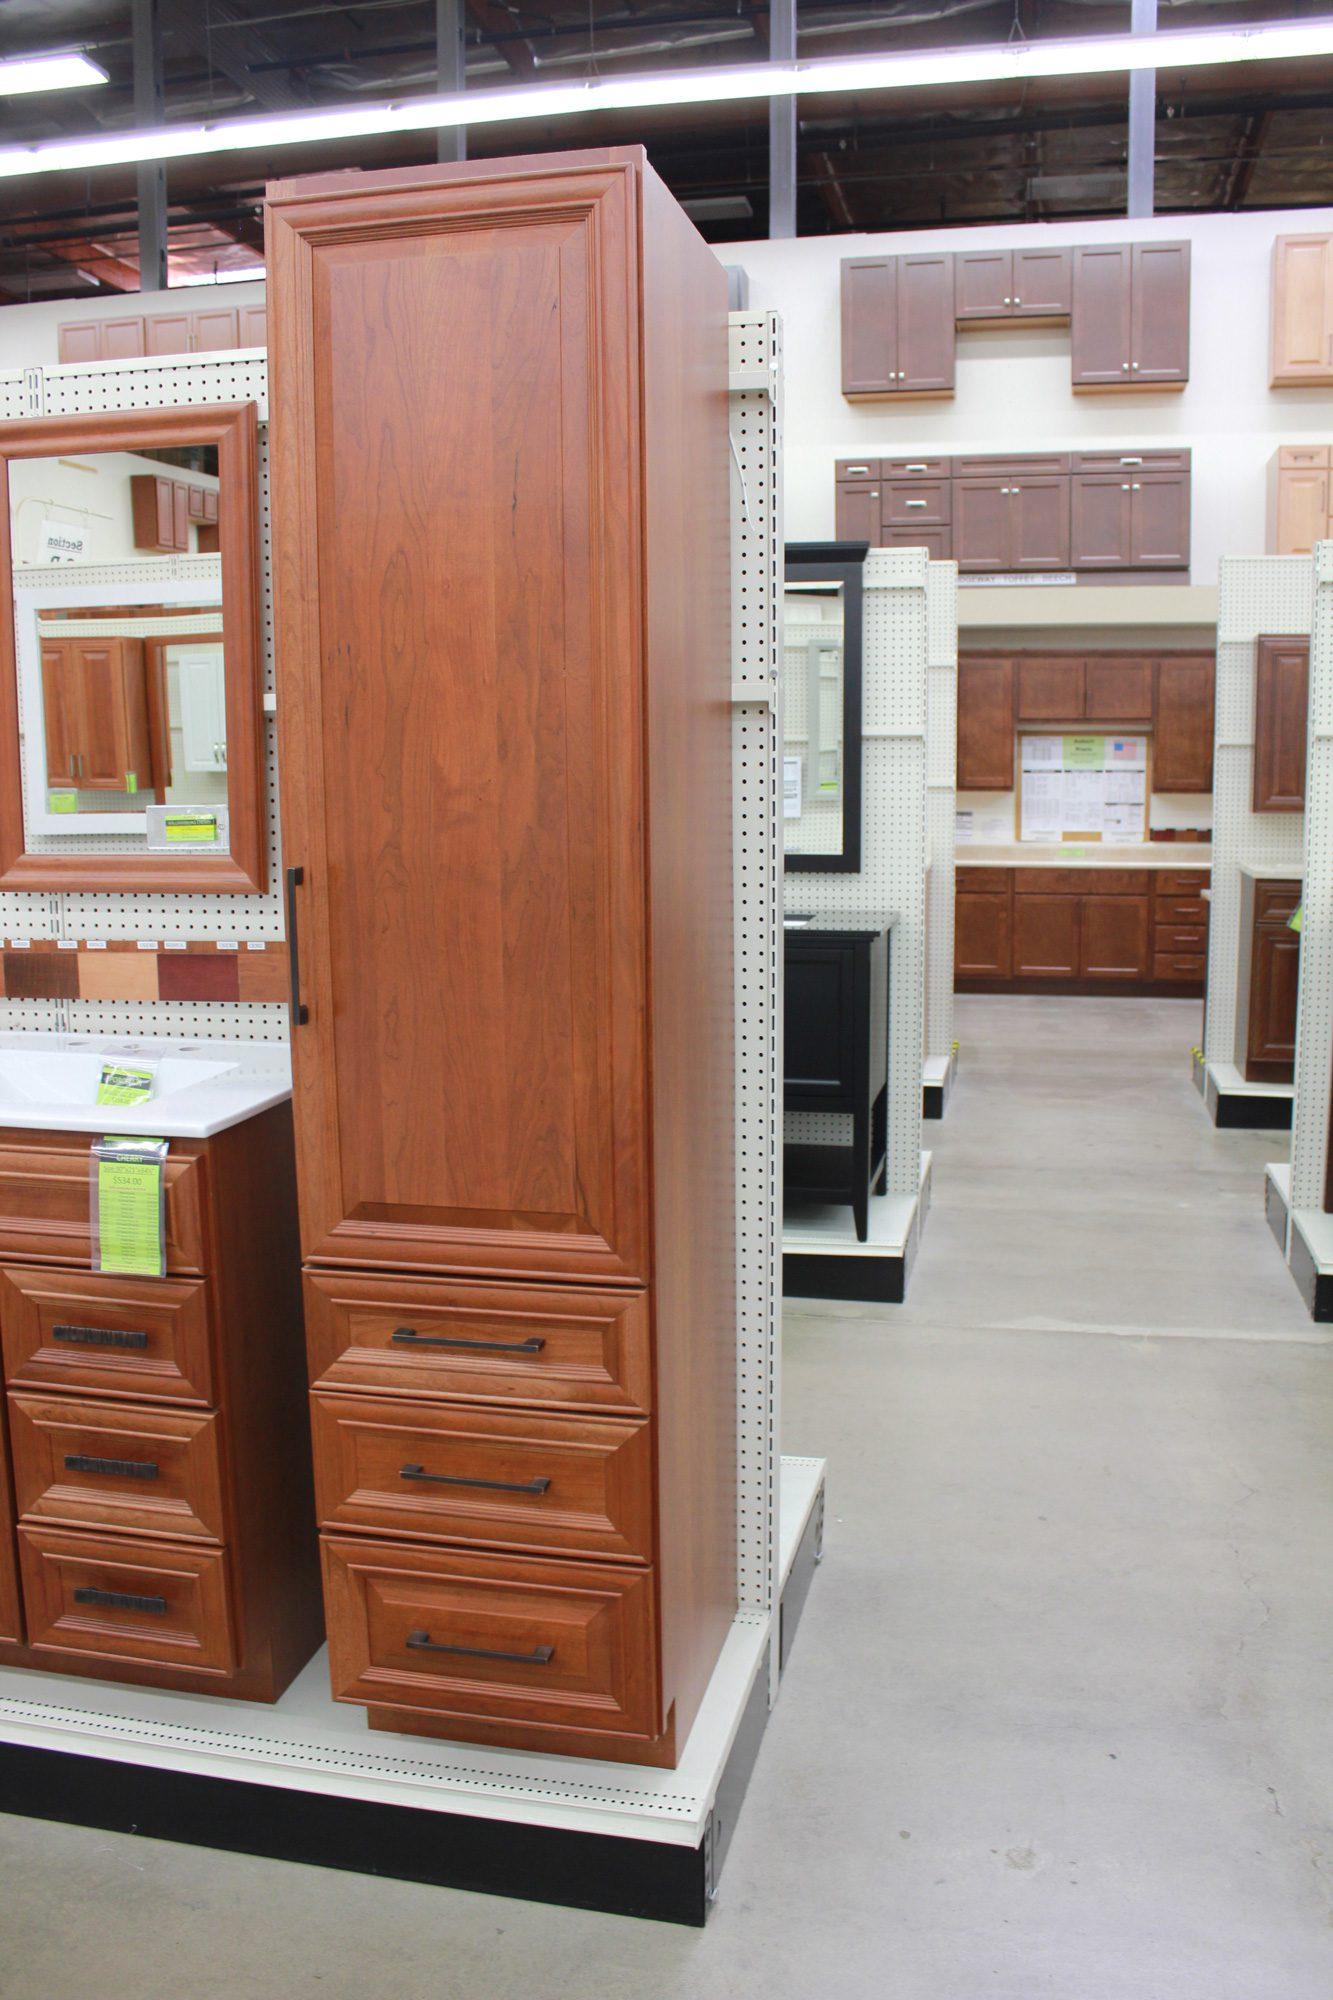 Williamsburg Cherry Linen Cabinet